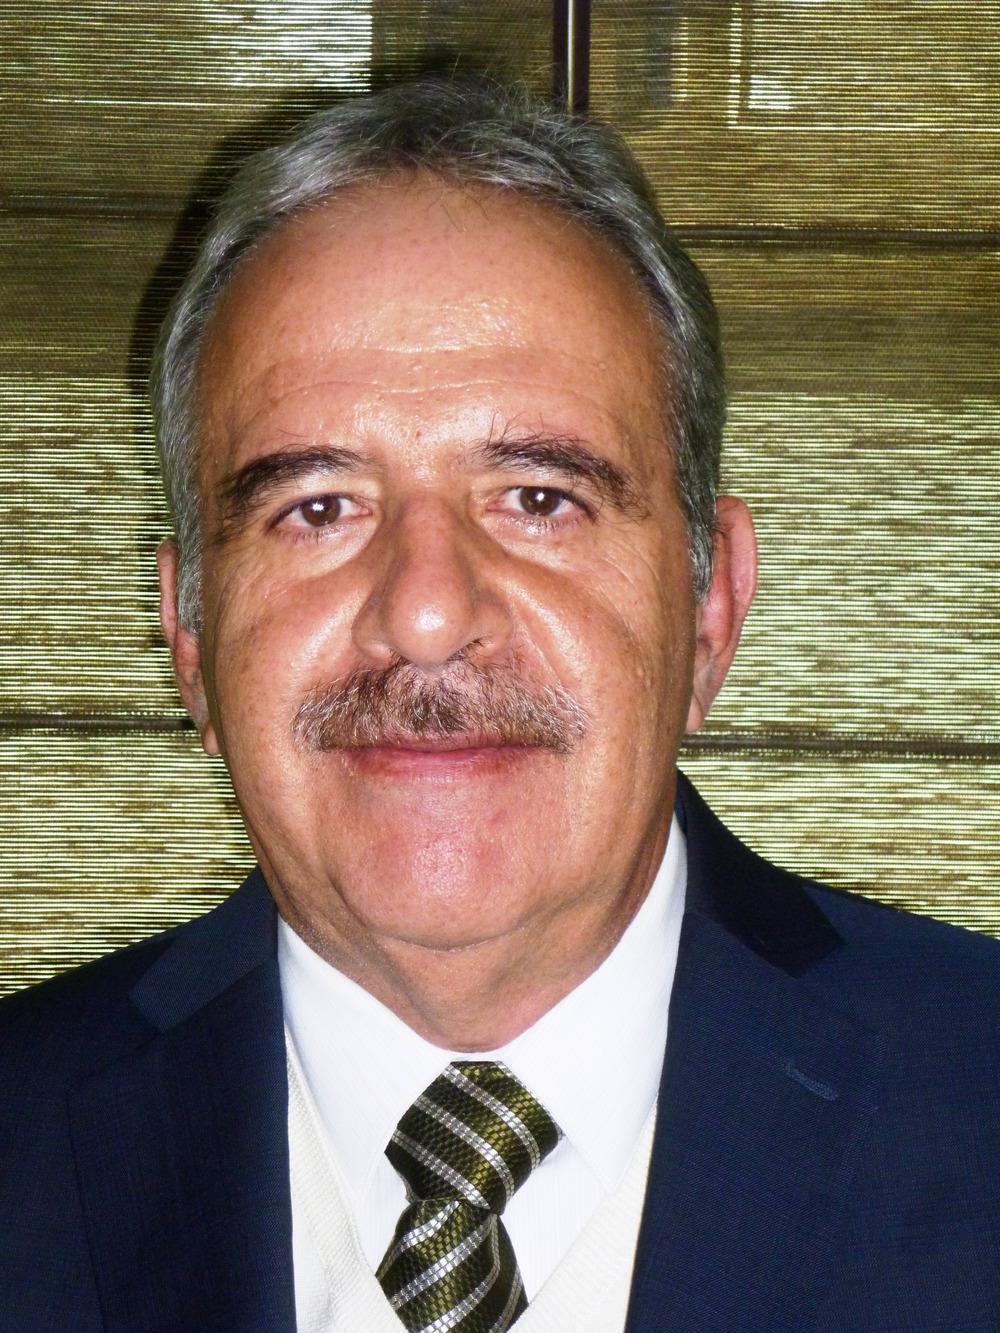 José Antonio Lozano Córdova Director de Sustentabilidad, Sistemas Regulatorios y Propiedad Intelectual, Kimberly-Clark de México.